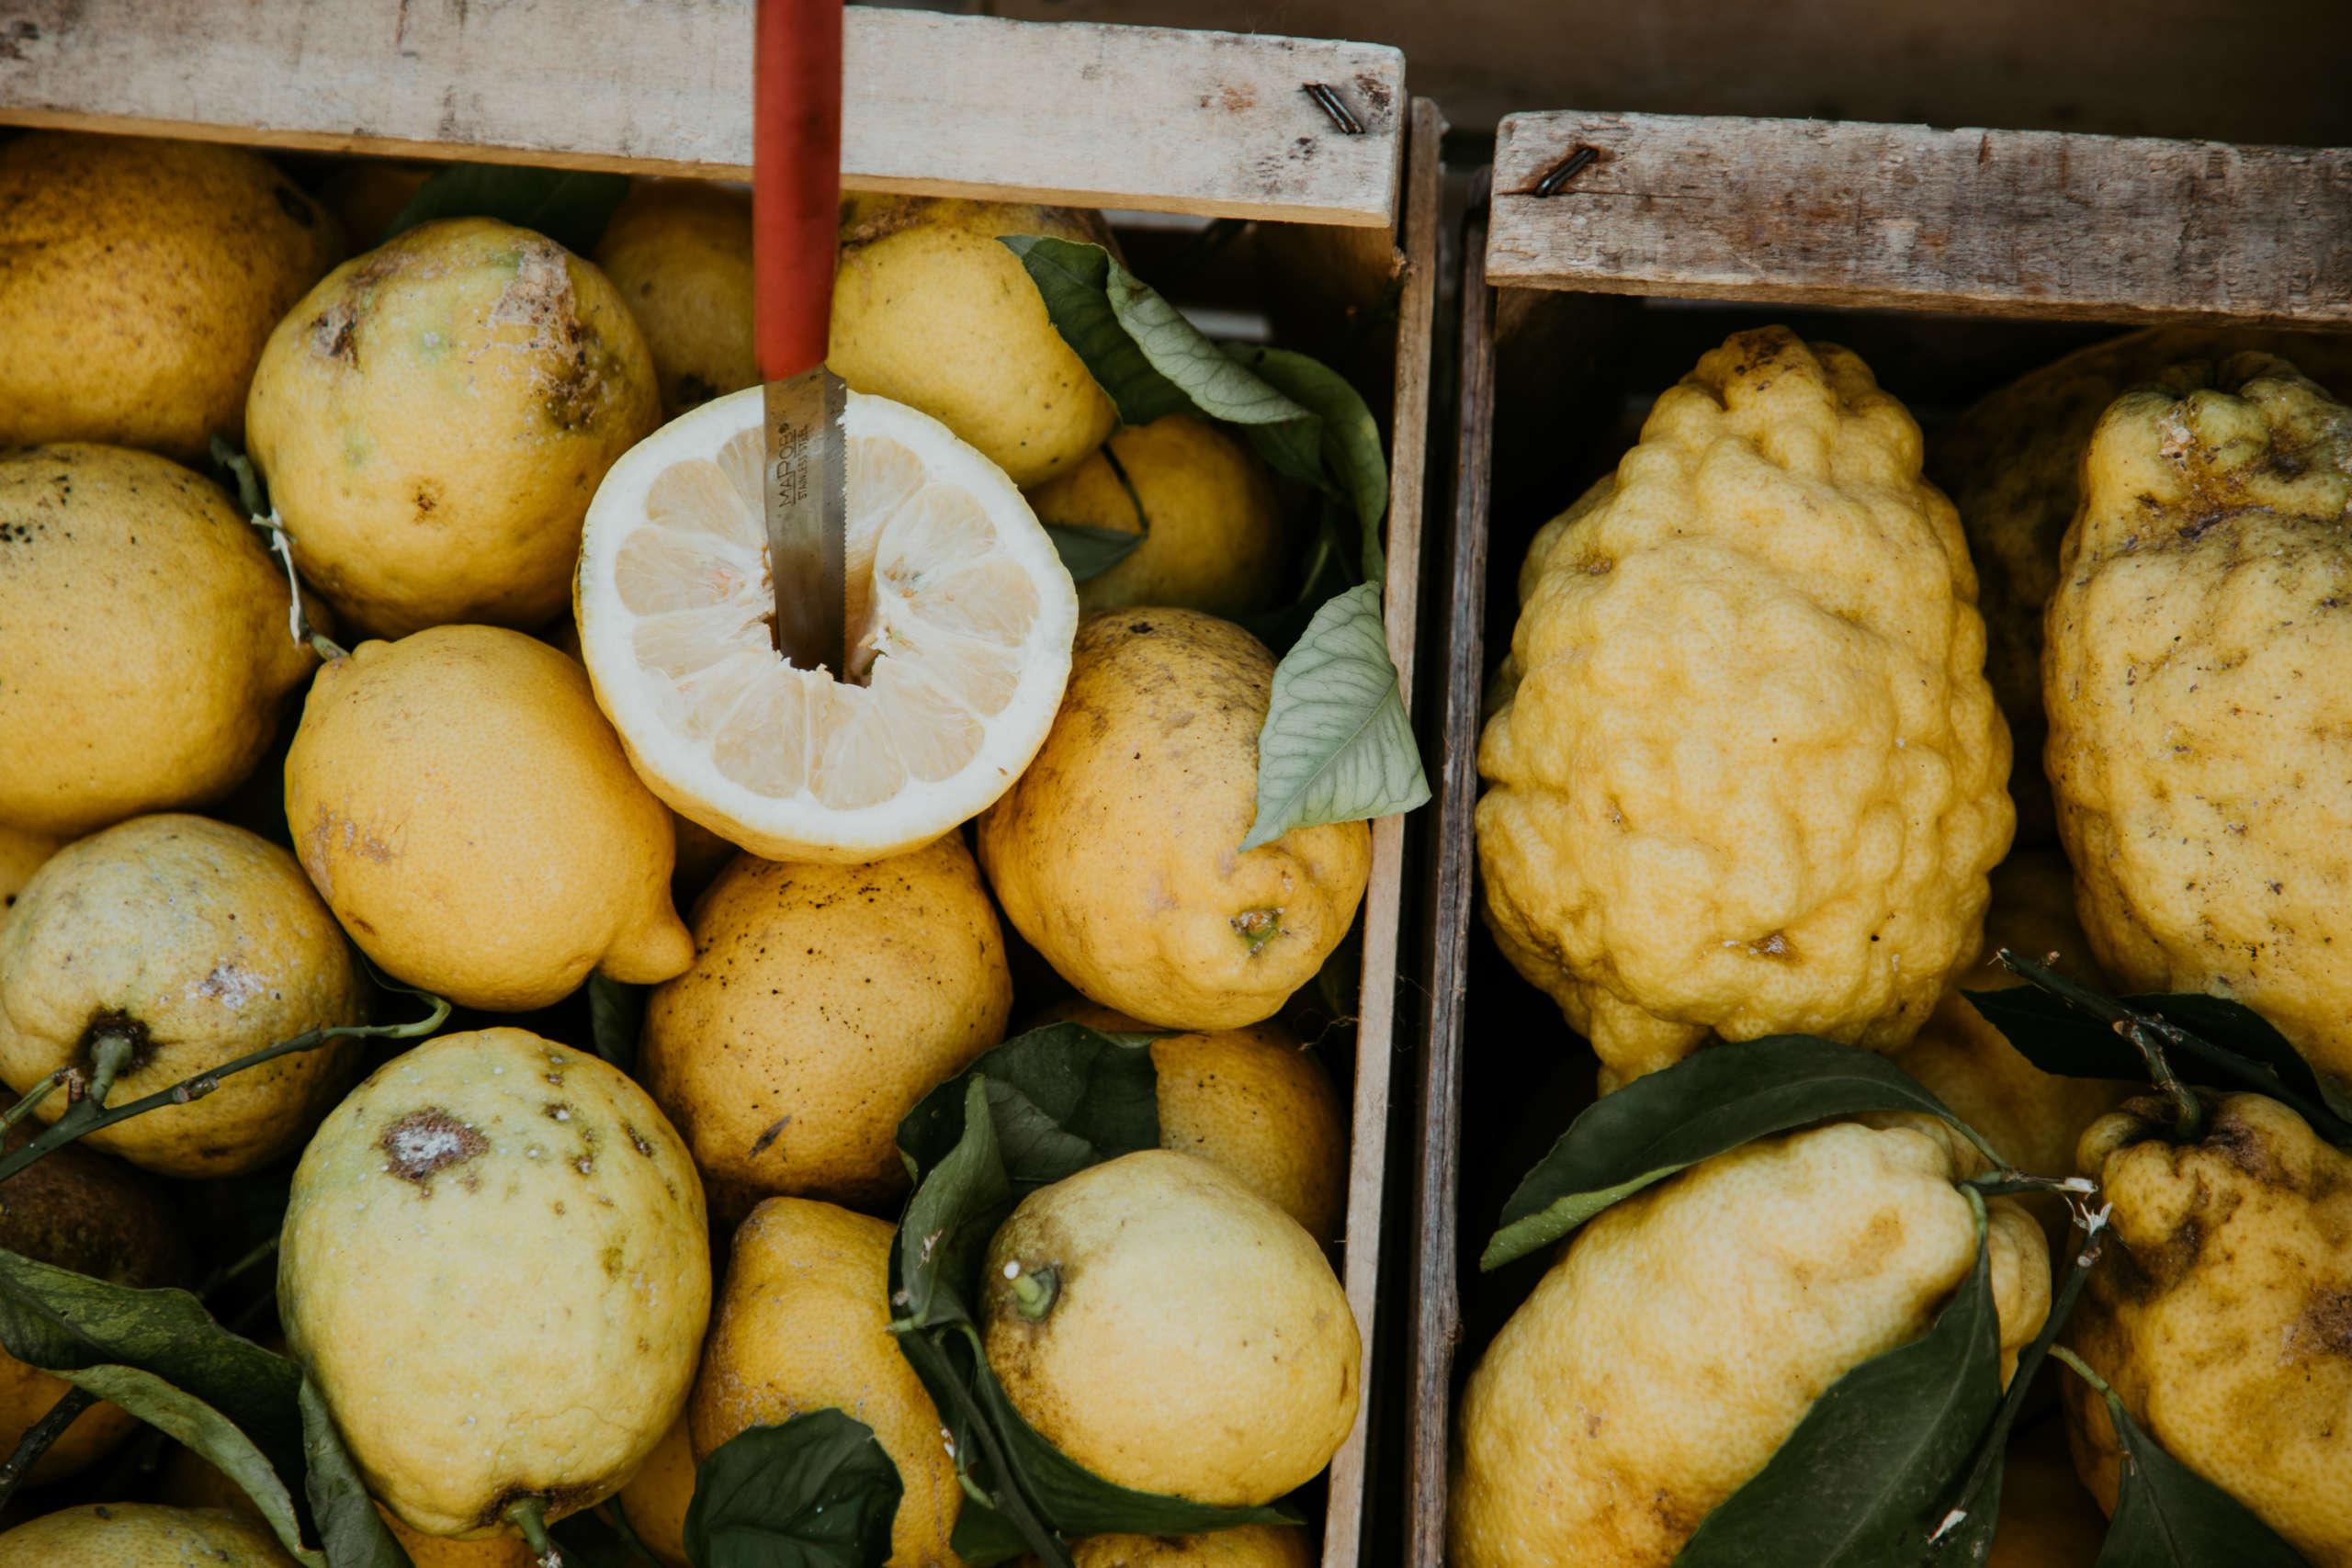 Zitronen die in einem Korb liegen.